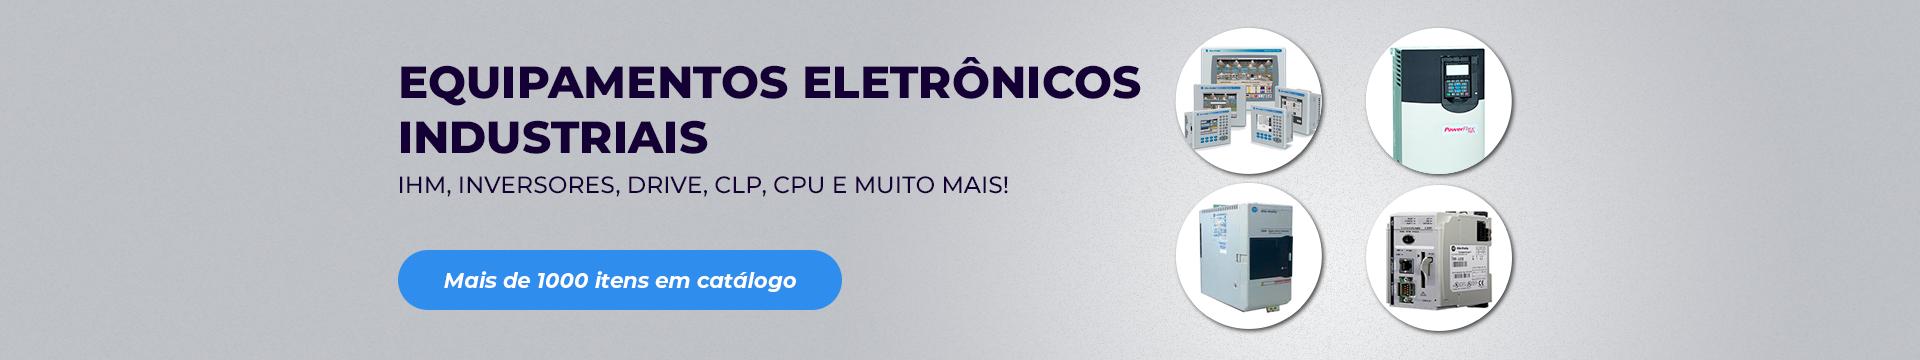 Equipamentos eletrônicos industriais